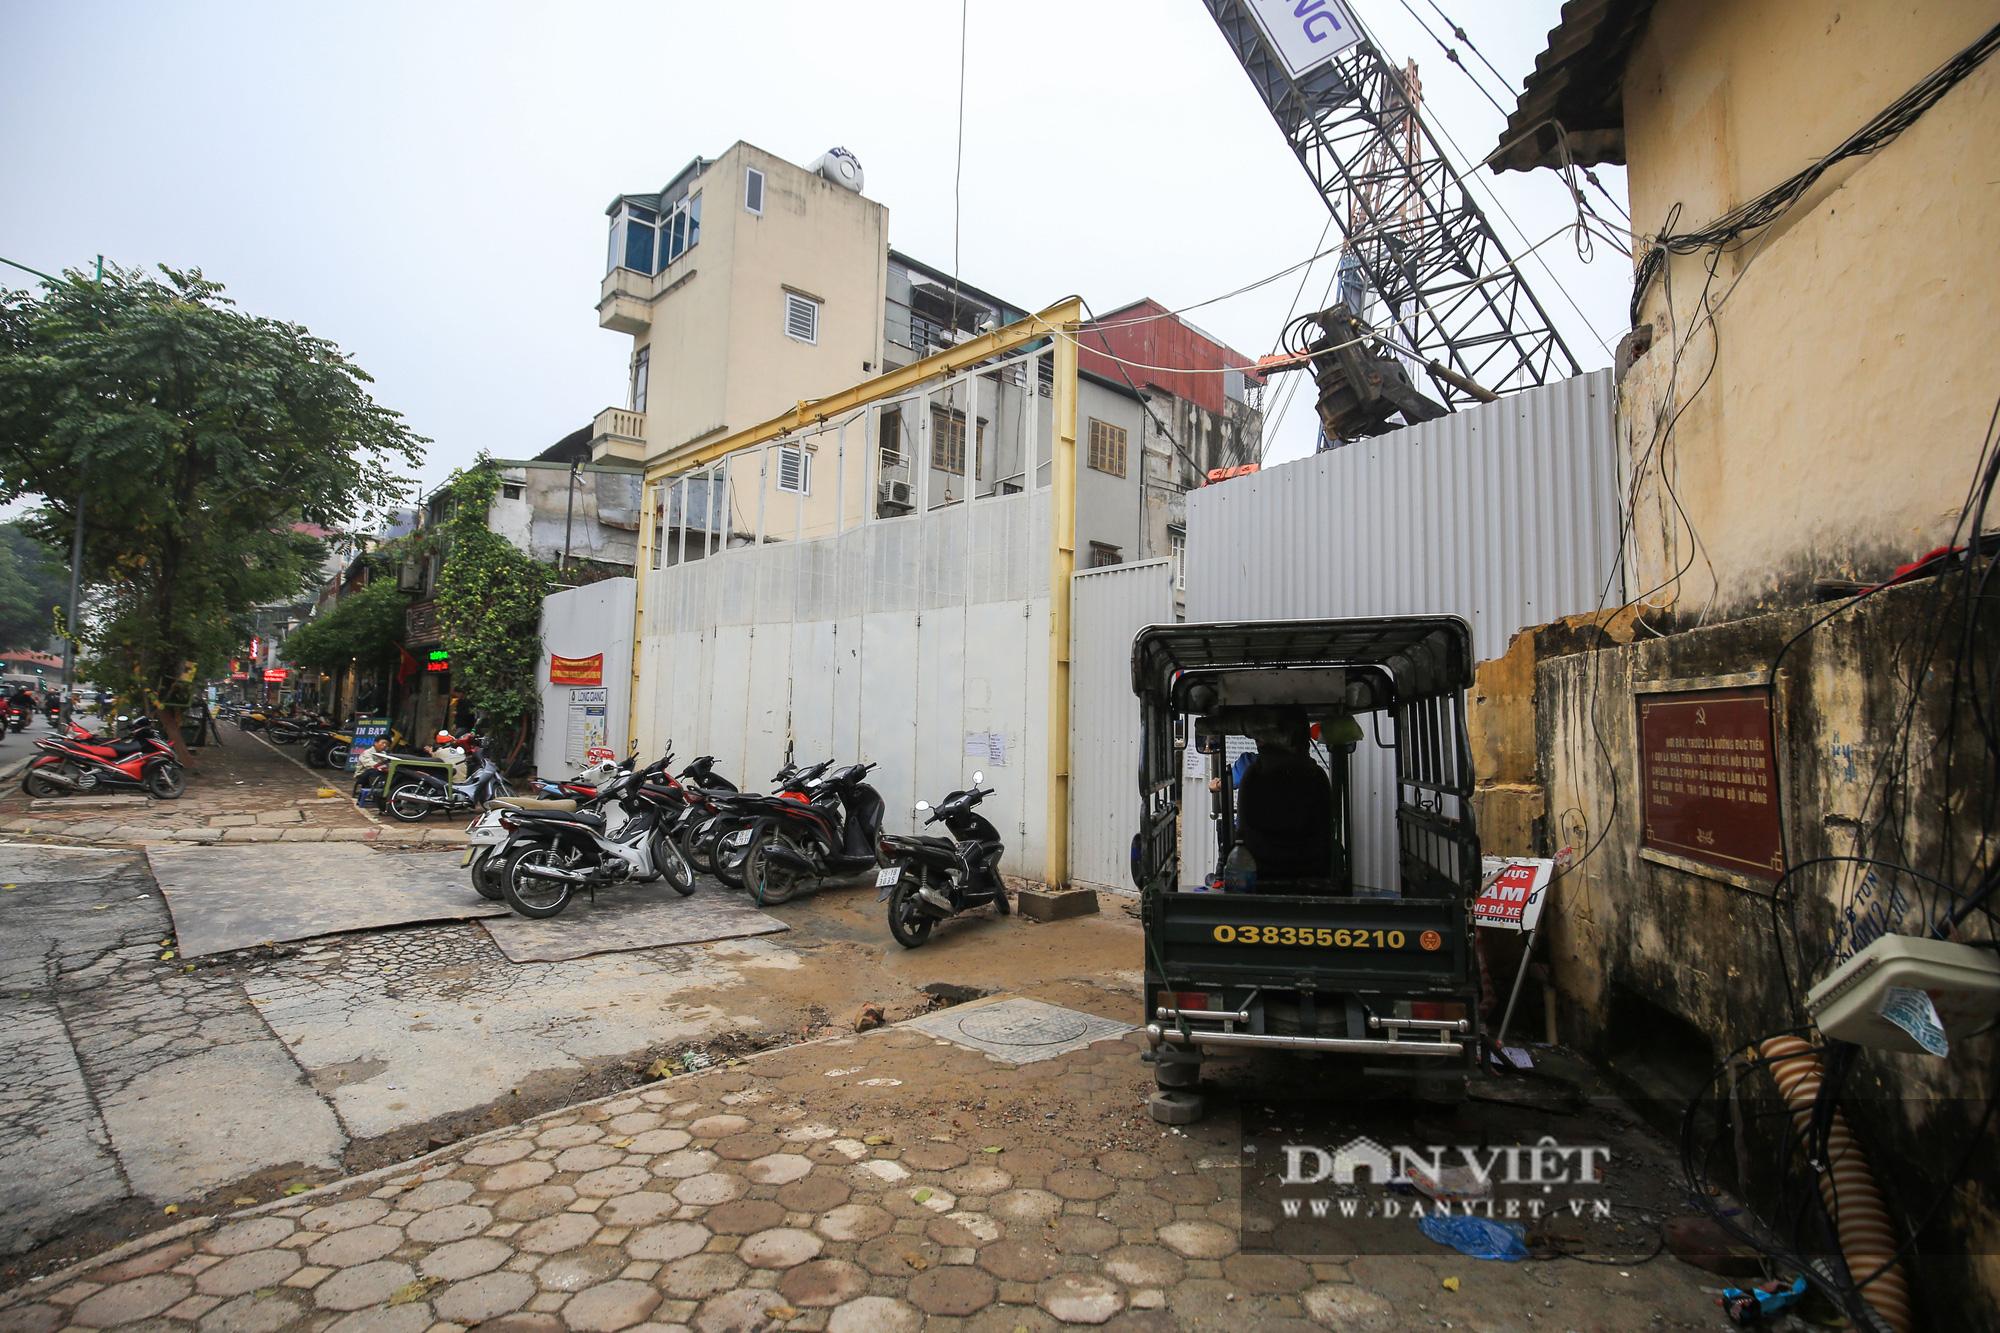 """Cận cảnh khu đất """"kim cương"""" hơn 30.000 m2 trên phố Nguyễn Thái Học - Ảnh 3."""